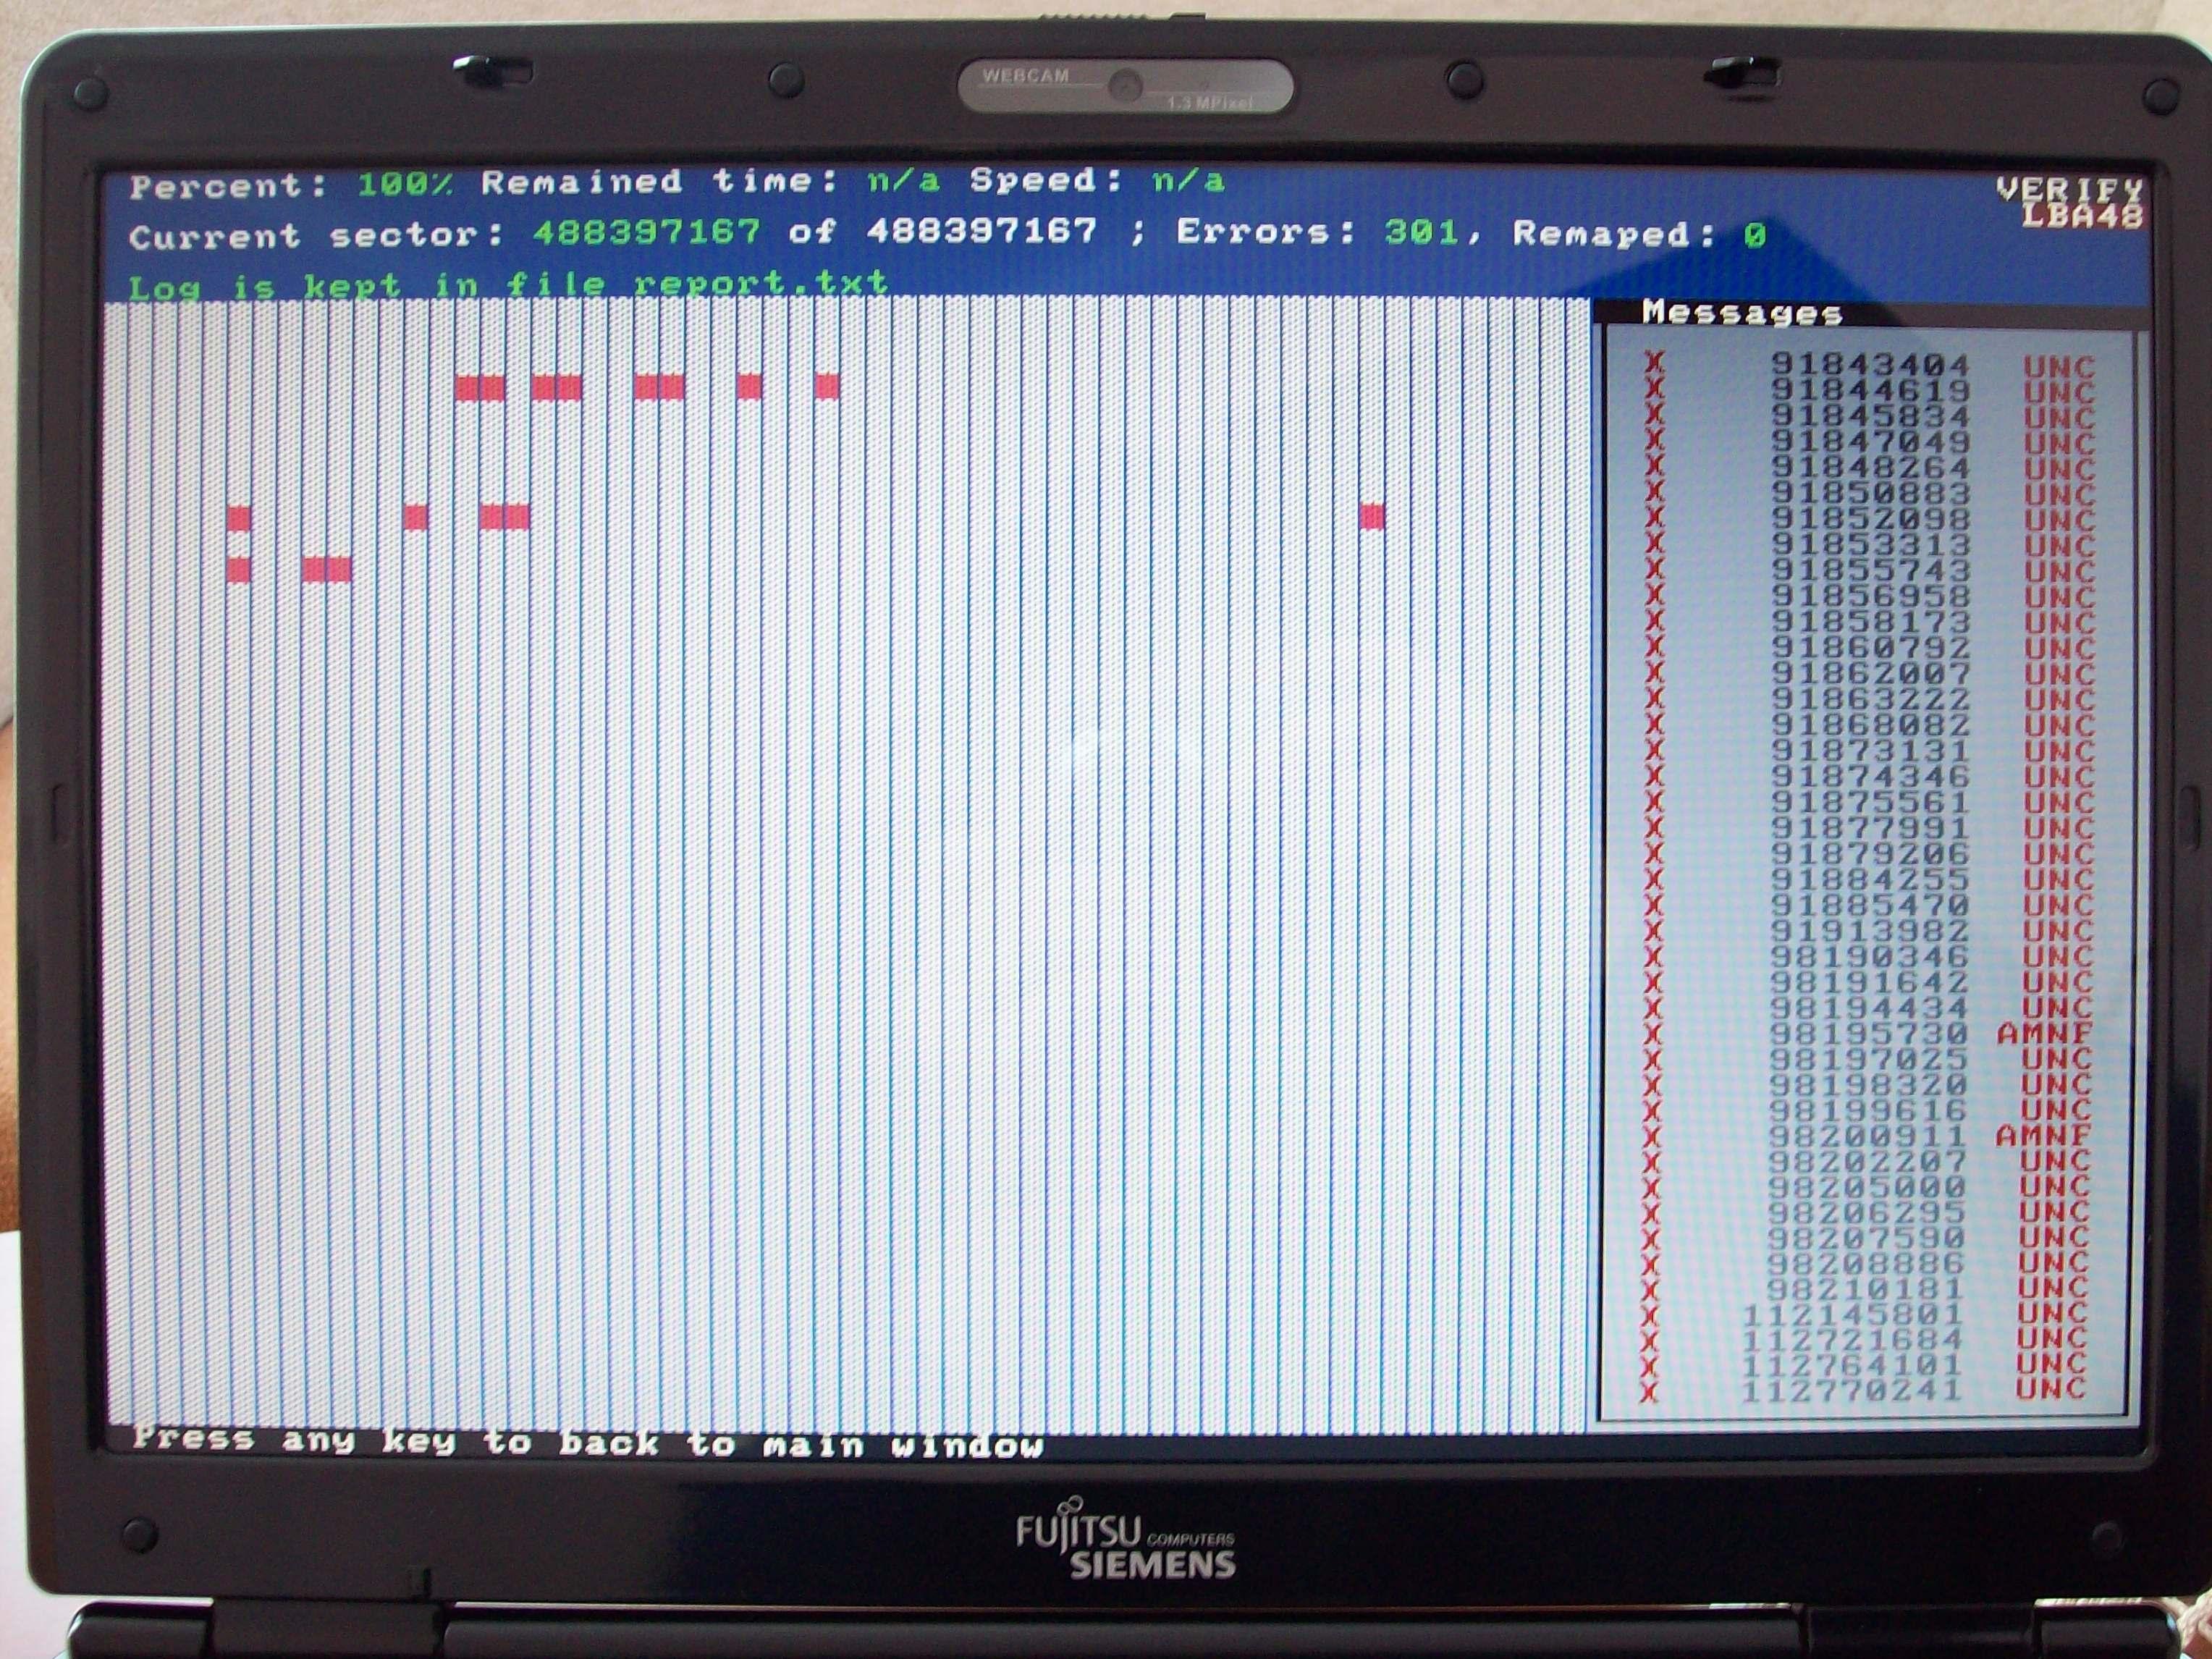 MHDD 4.6 - nie widzi dysku w laptopie